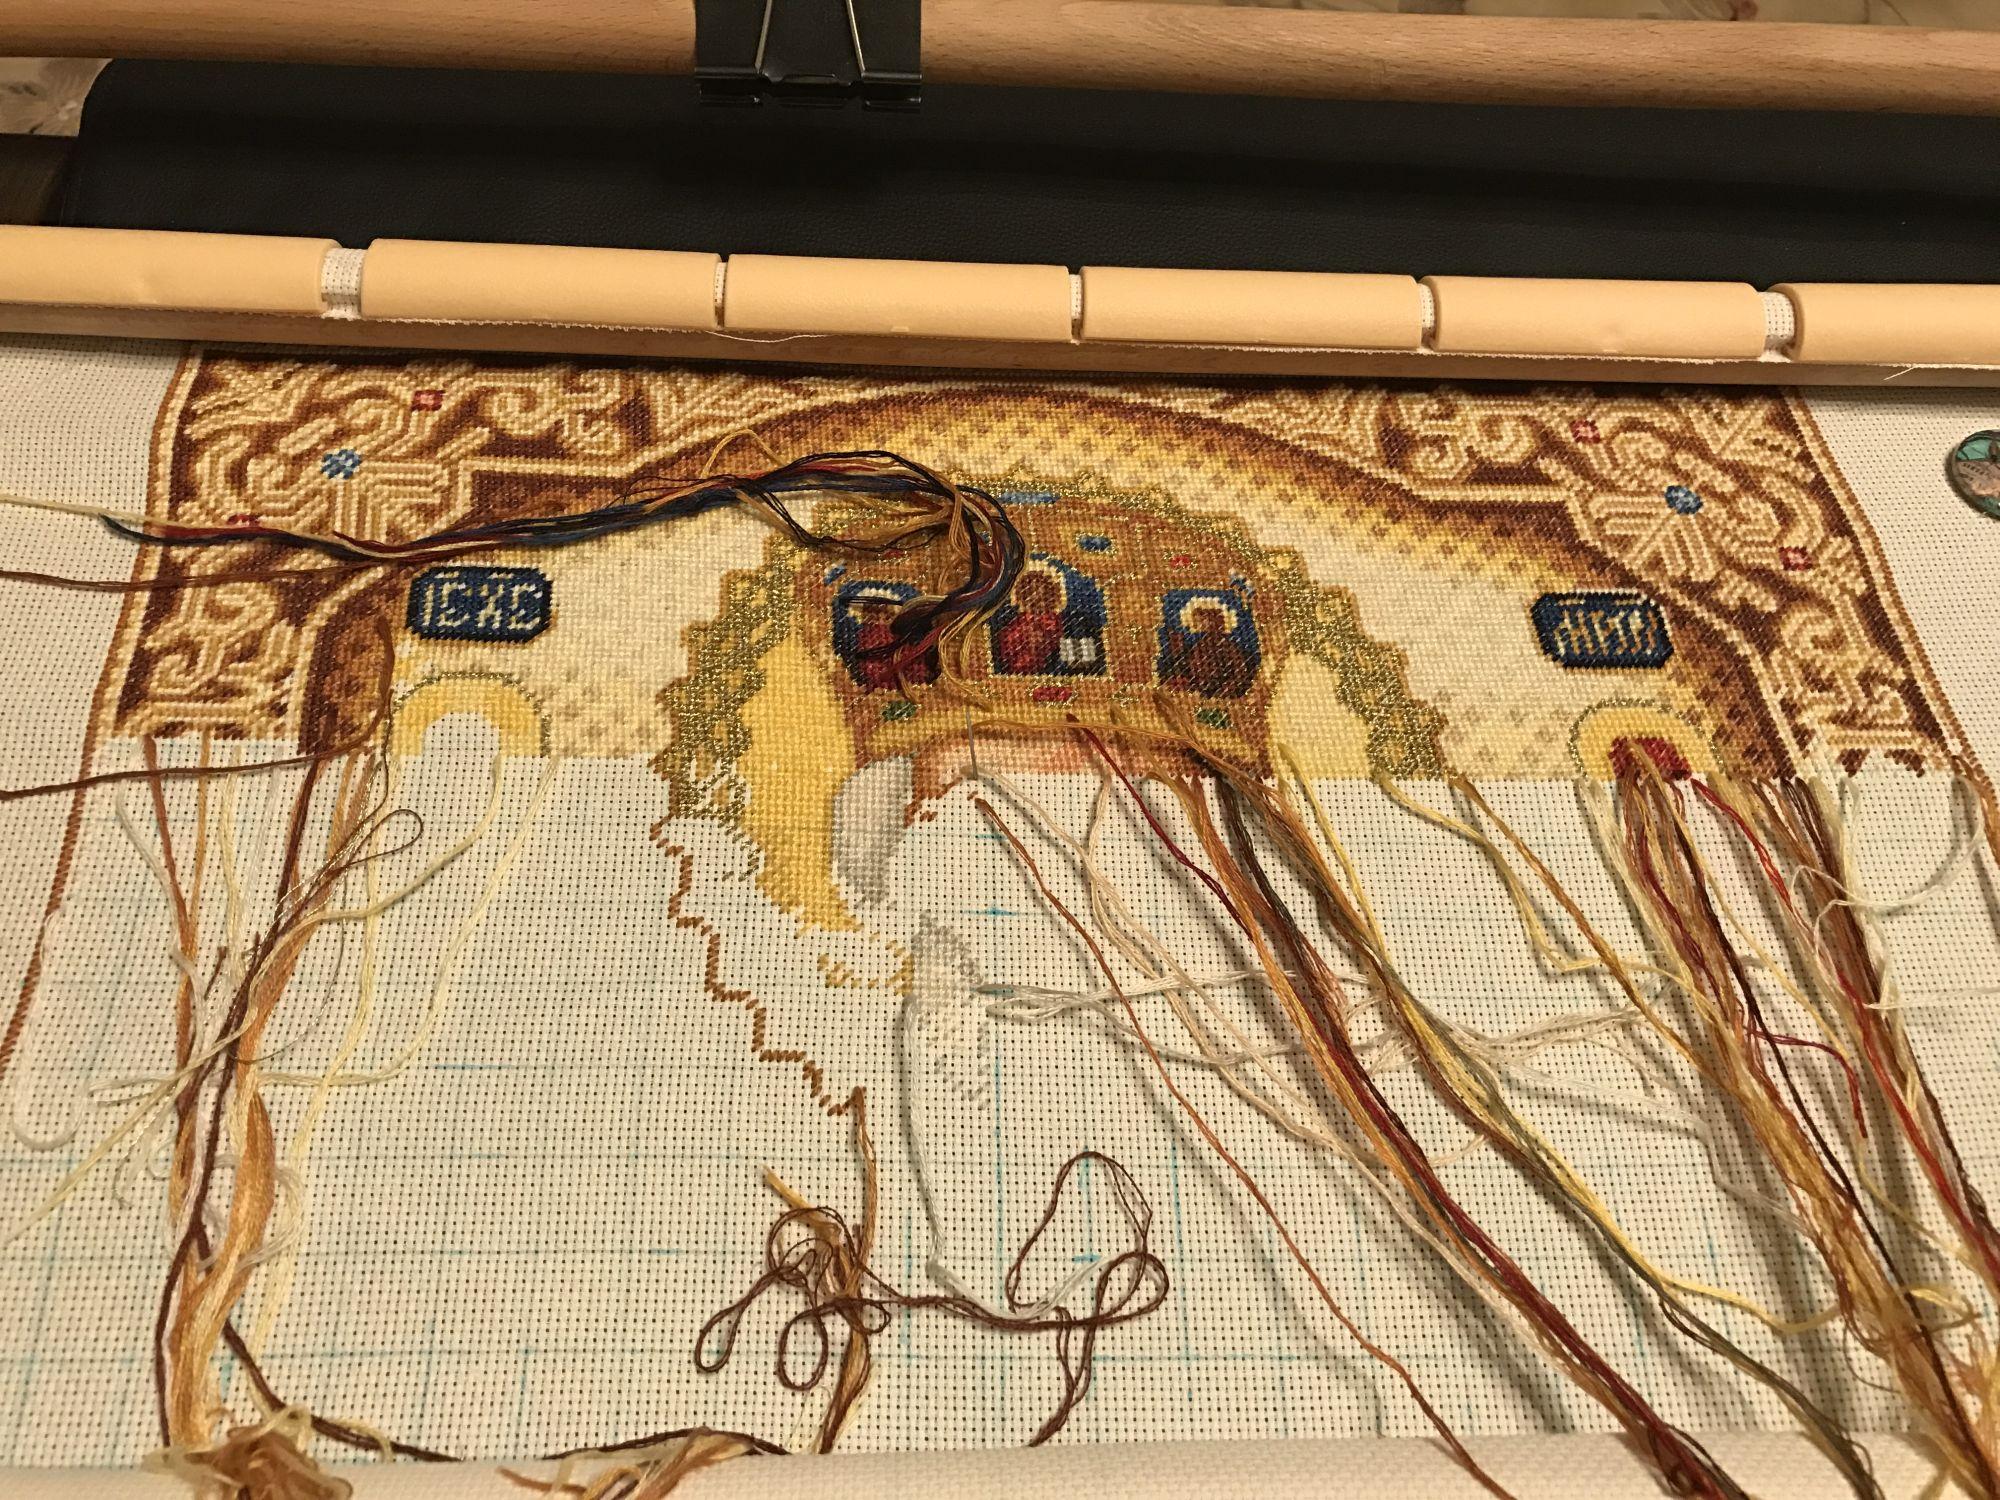 вышивка крестом схема царевна-лебедь стоянки ивановой